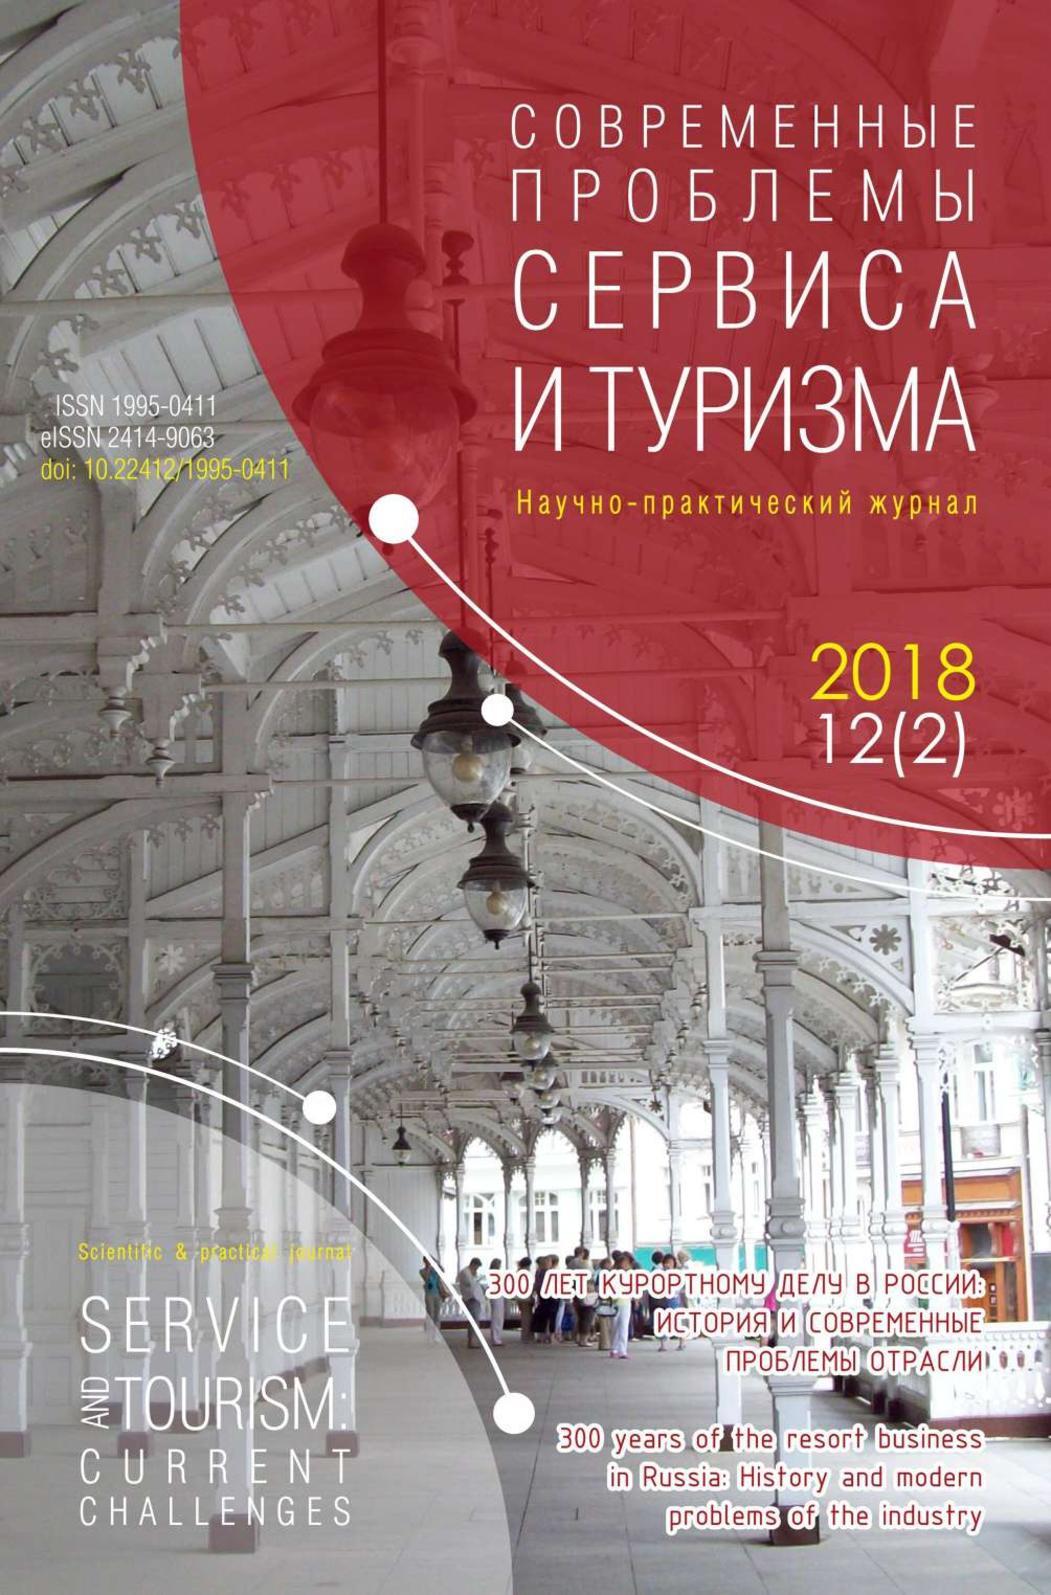 Медицинский туризм в России: куда стоит поехать для поправки здоровья